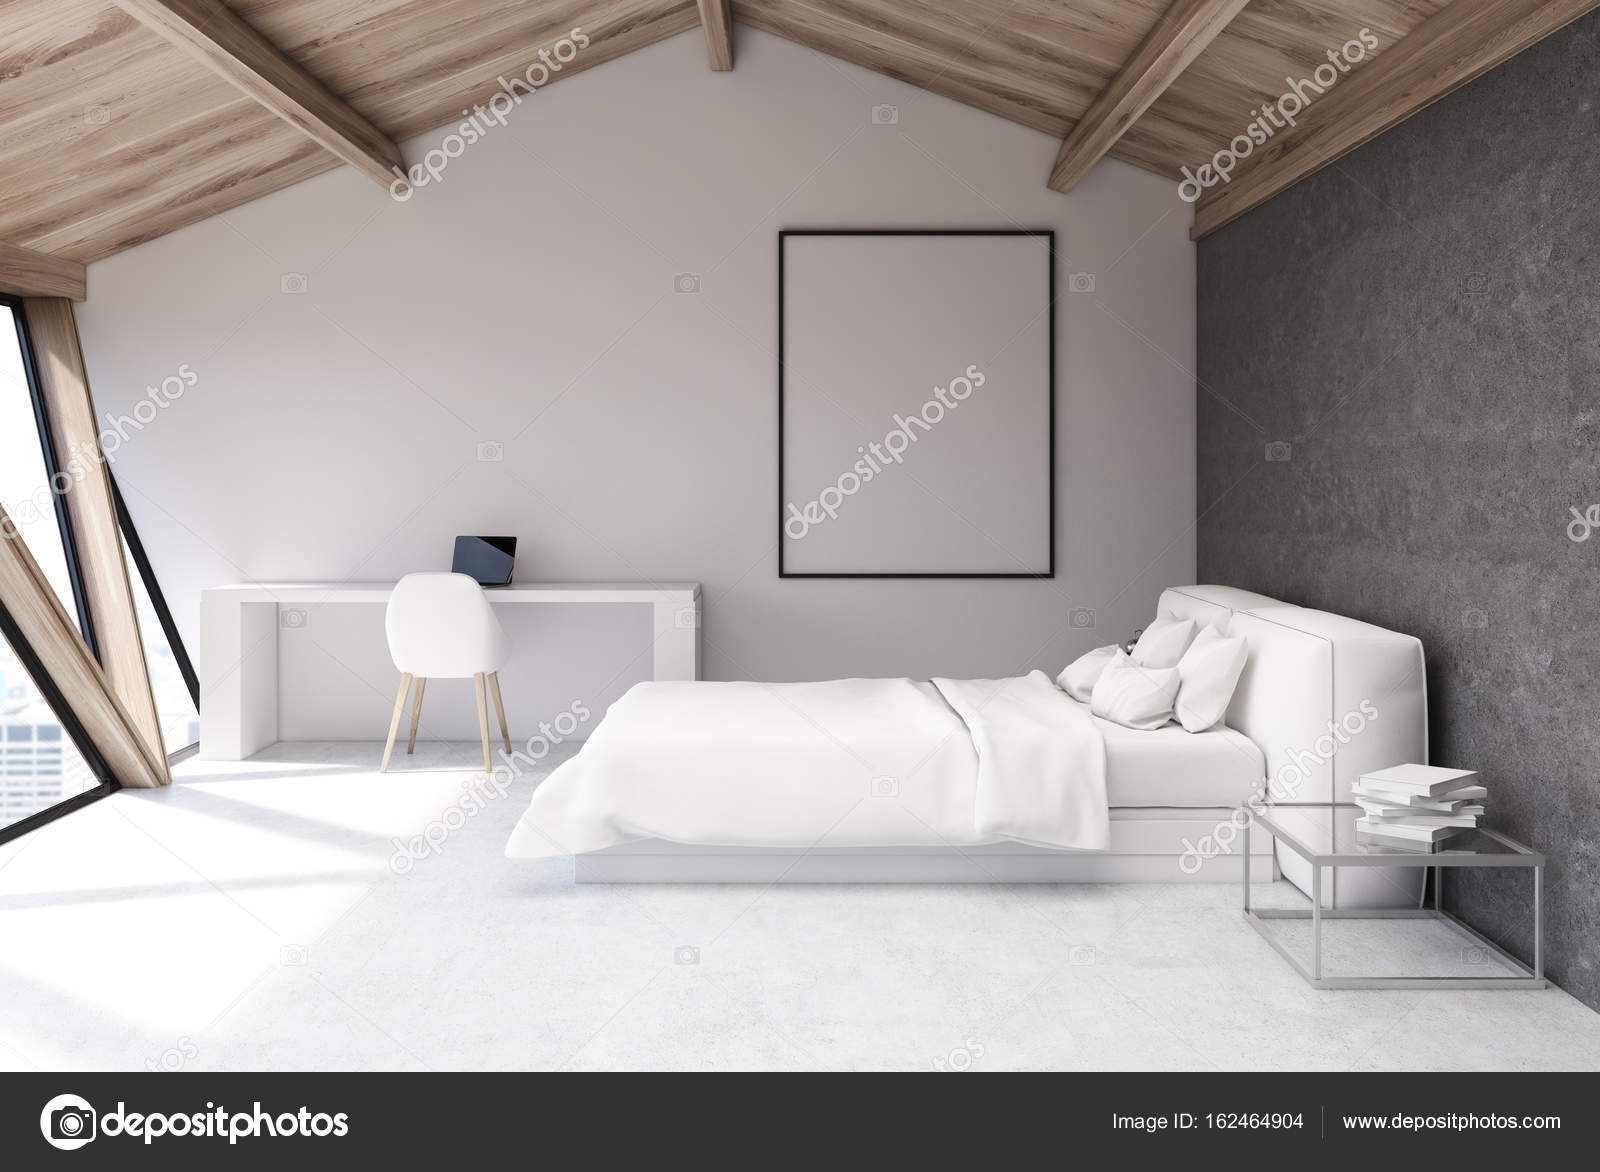 Biała Sypialnia Na Strychu Plakat Zdjęcie Stockowe